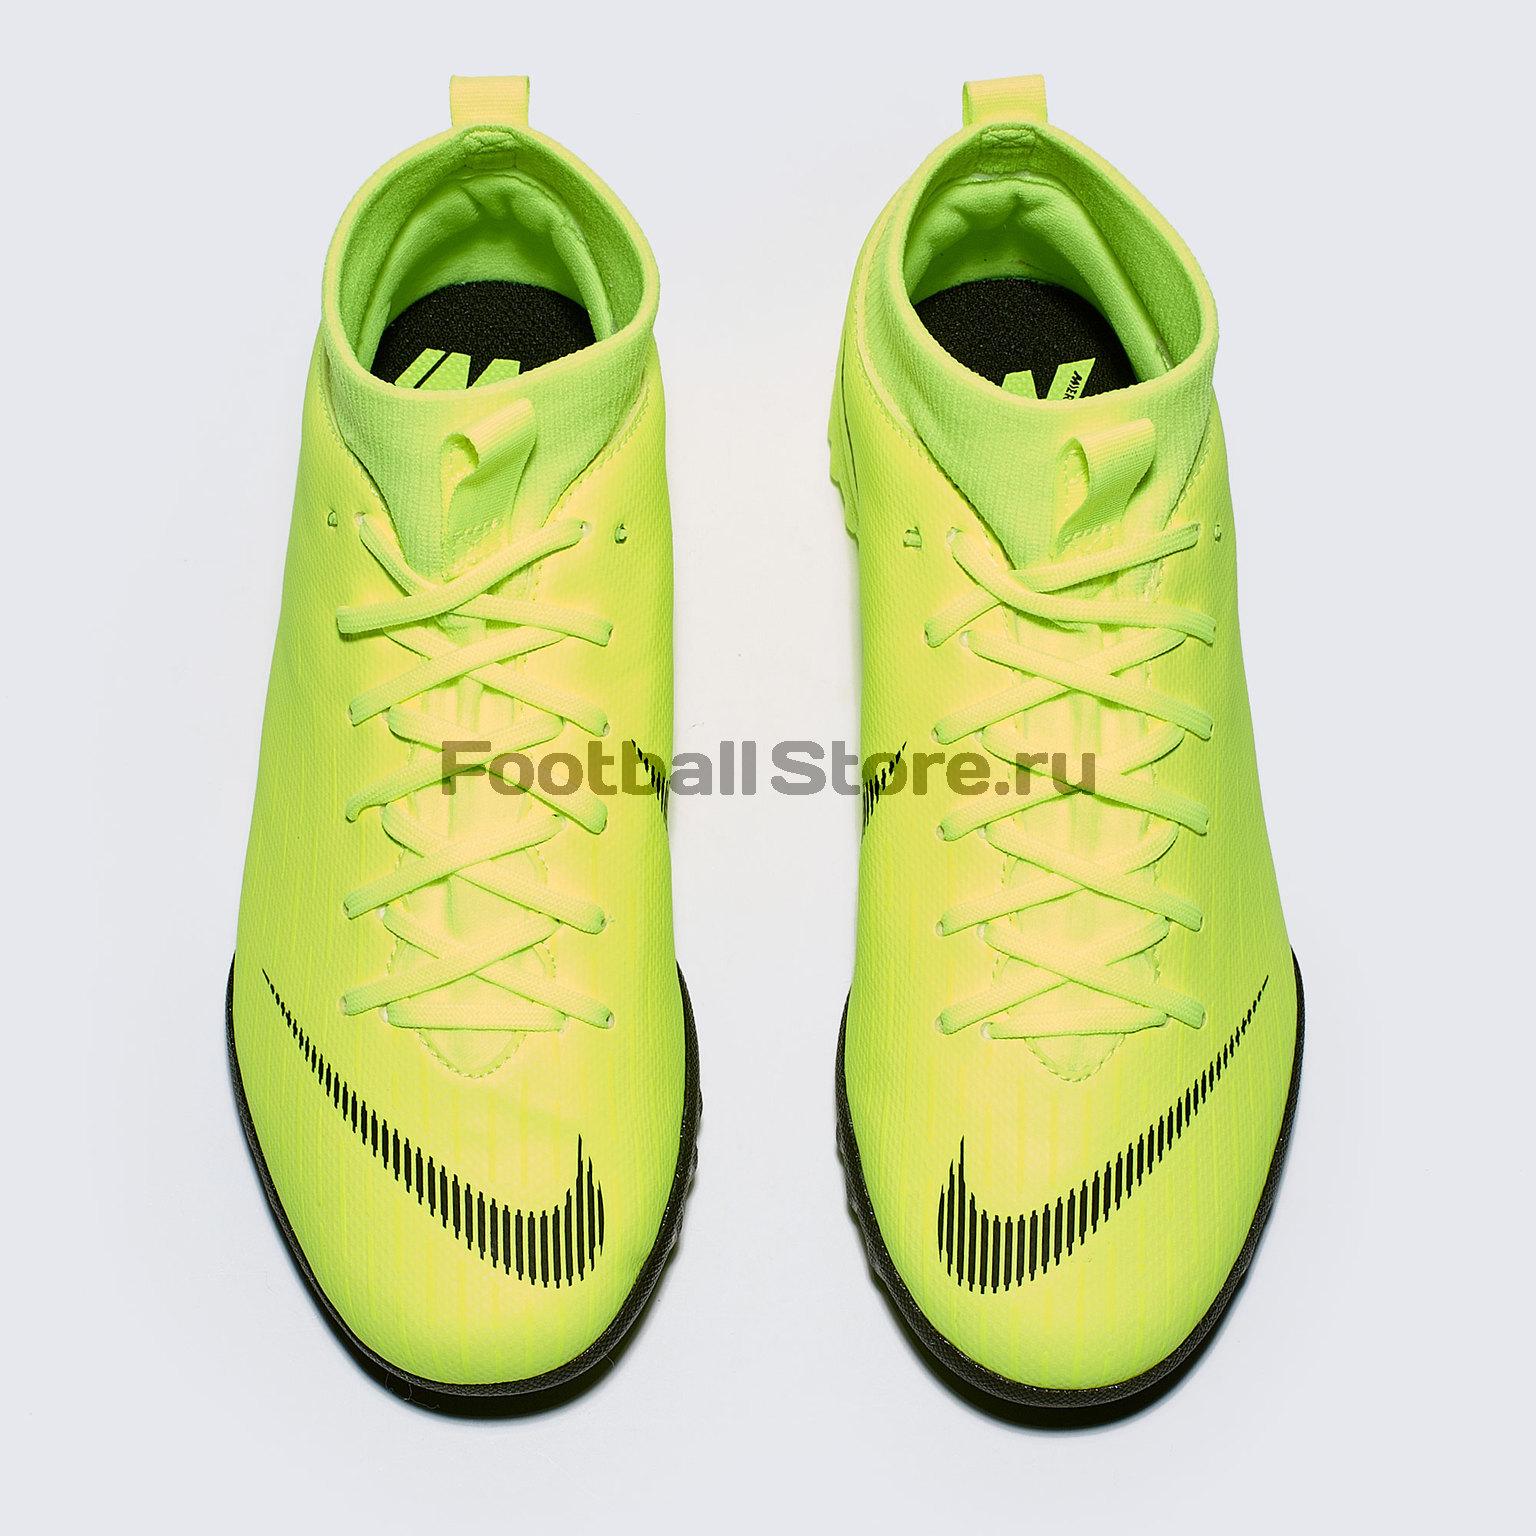 5945118f ... Детские бутсы · Nike; Шиповки детские Nike SuperFly X Academy GS TF  AH7344-701. О ТОВАРЕ; РАСЧЕТ ДОСТАВКИ